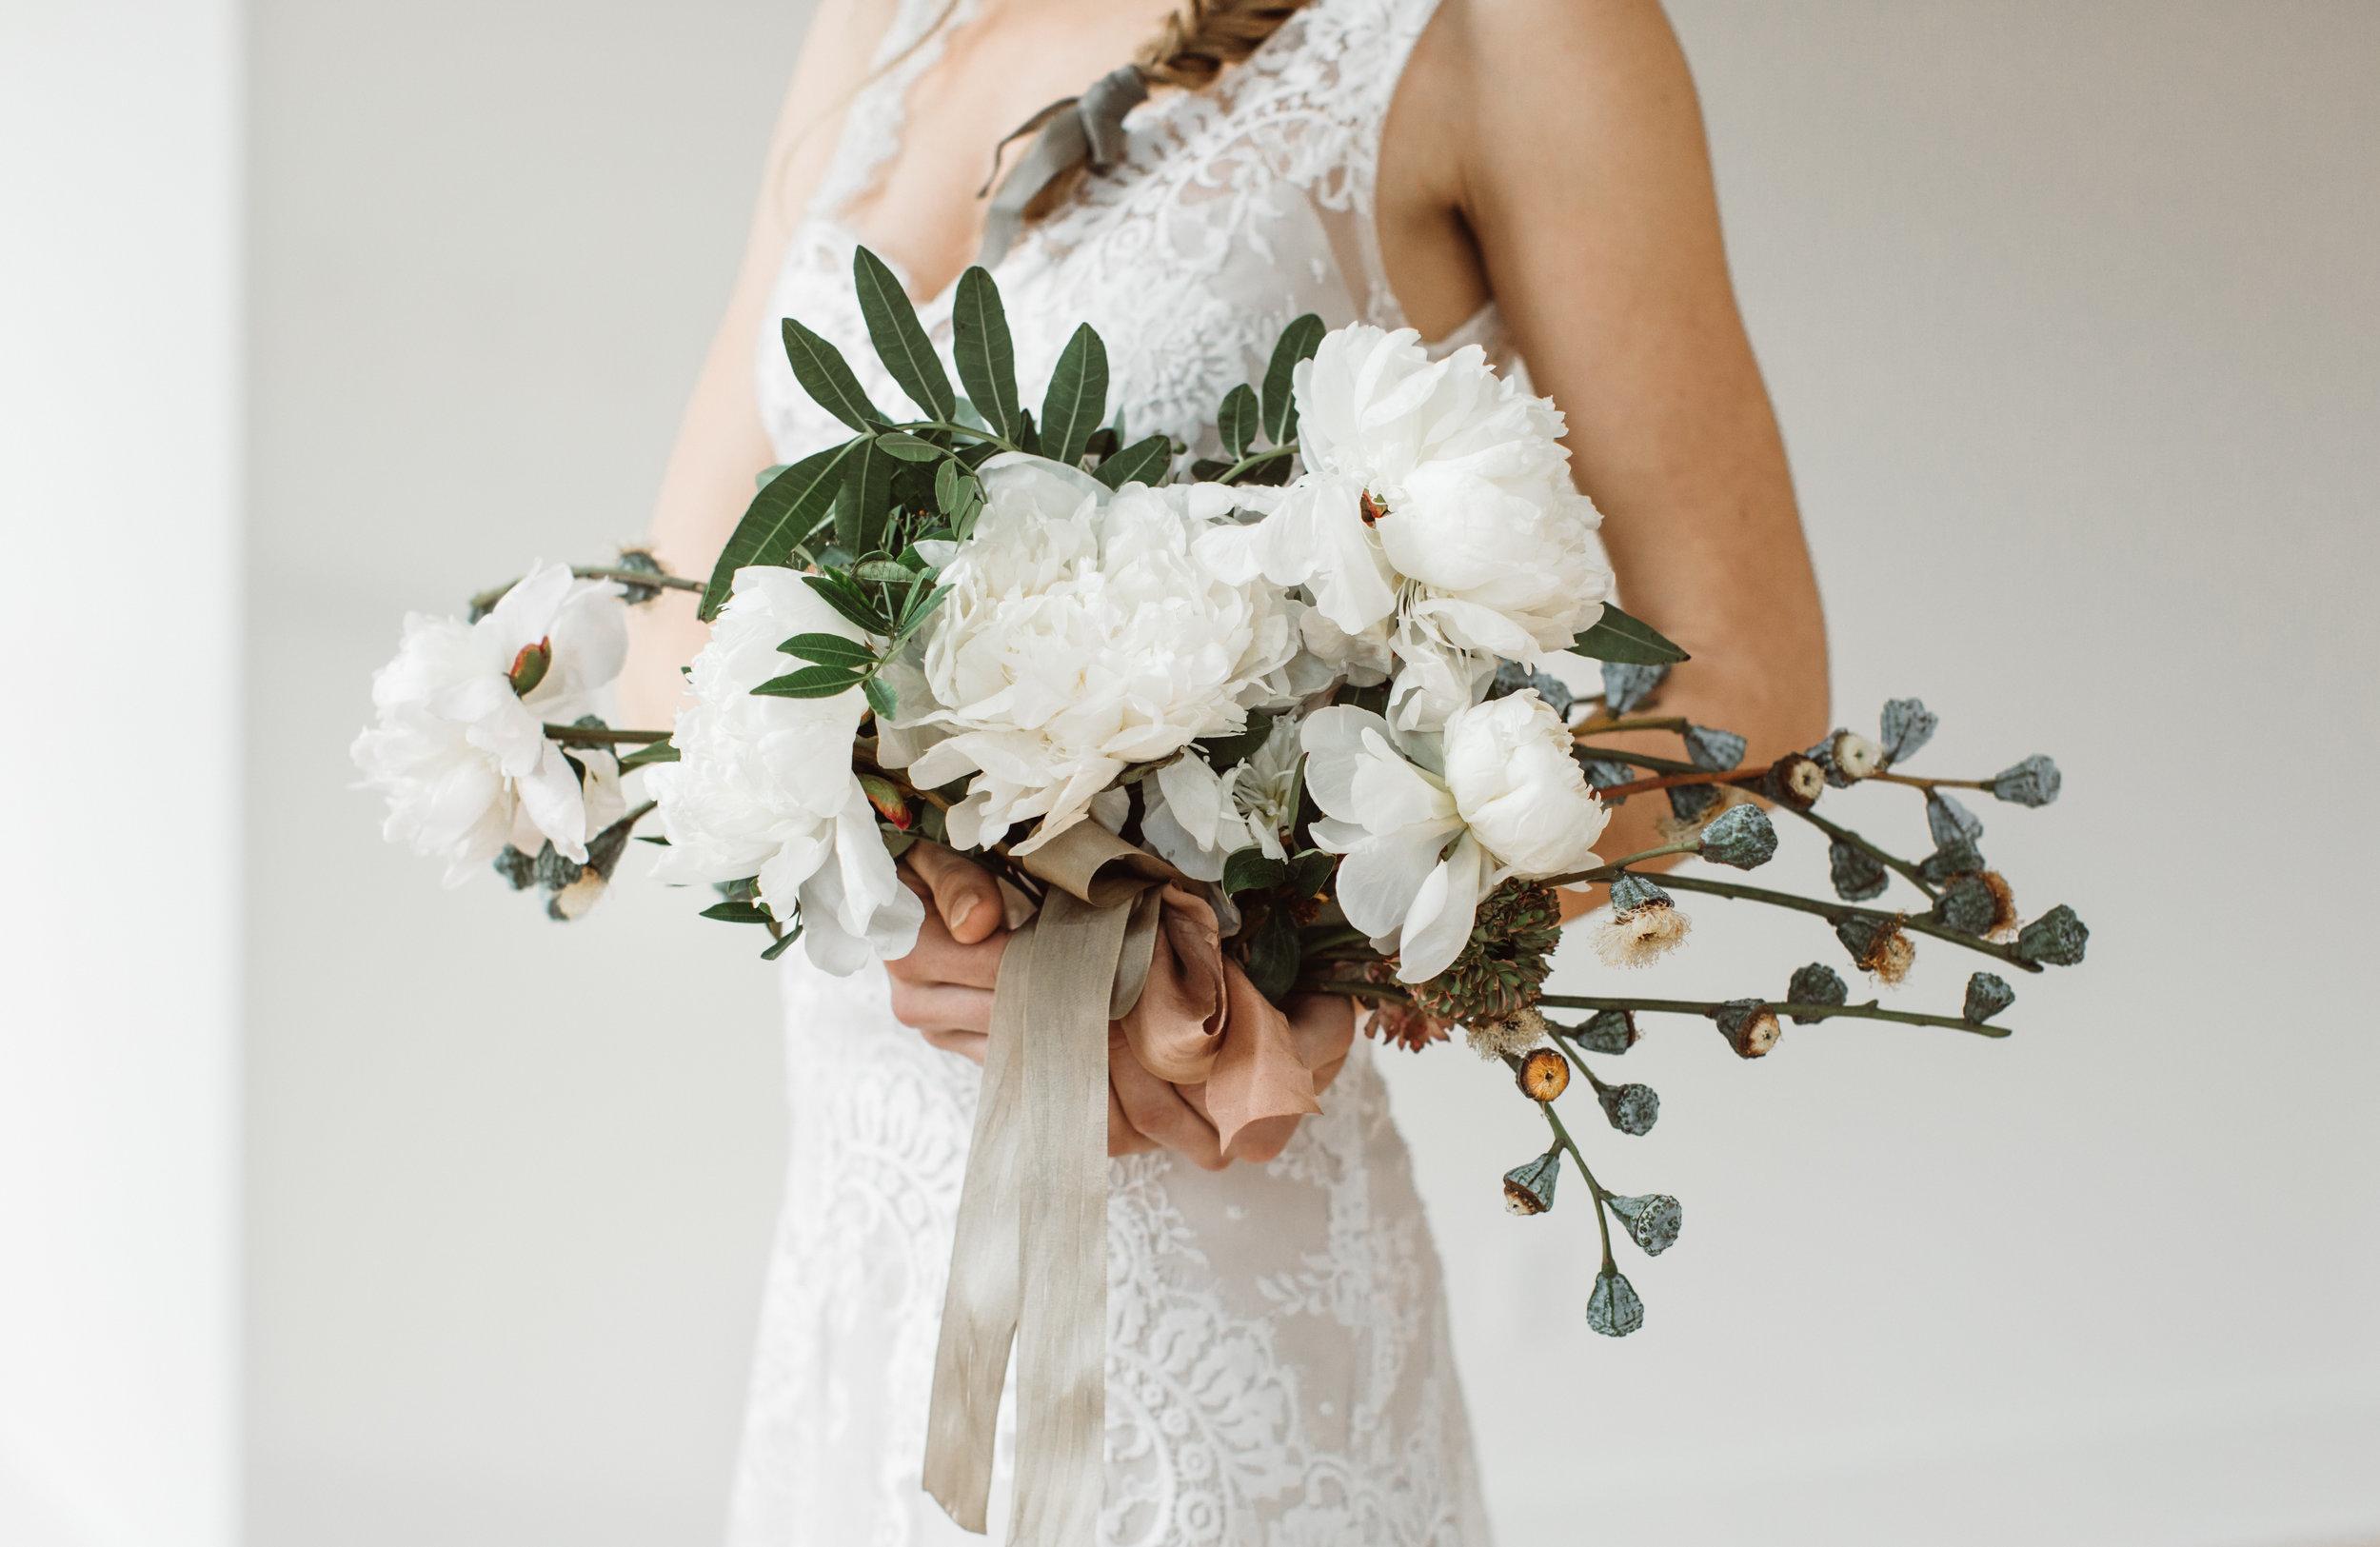 Everthine-Bridal-Ashley-Largesse-159.jpg